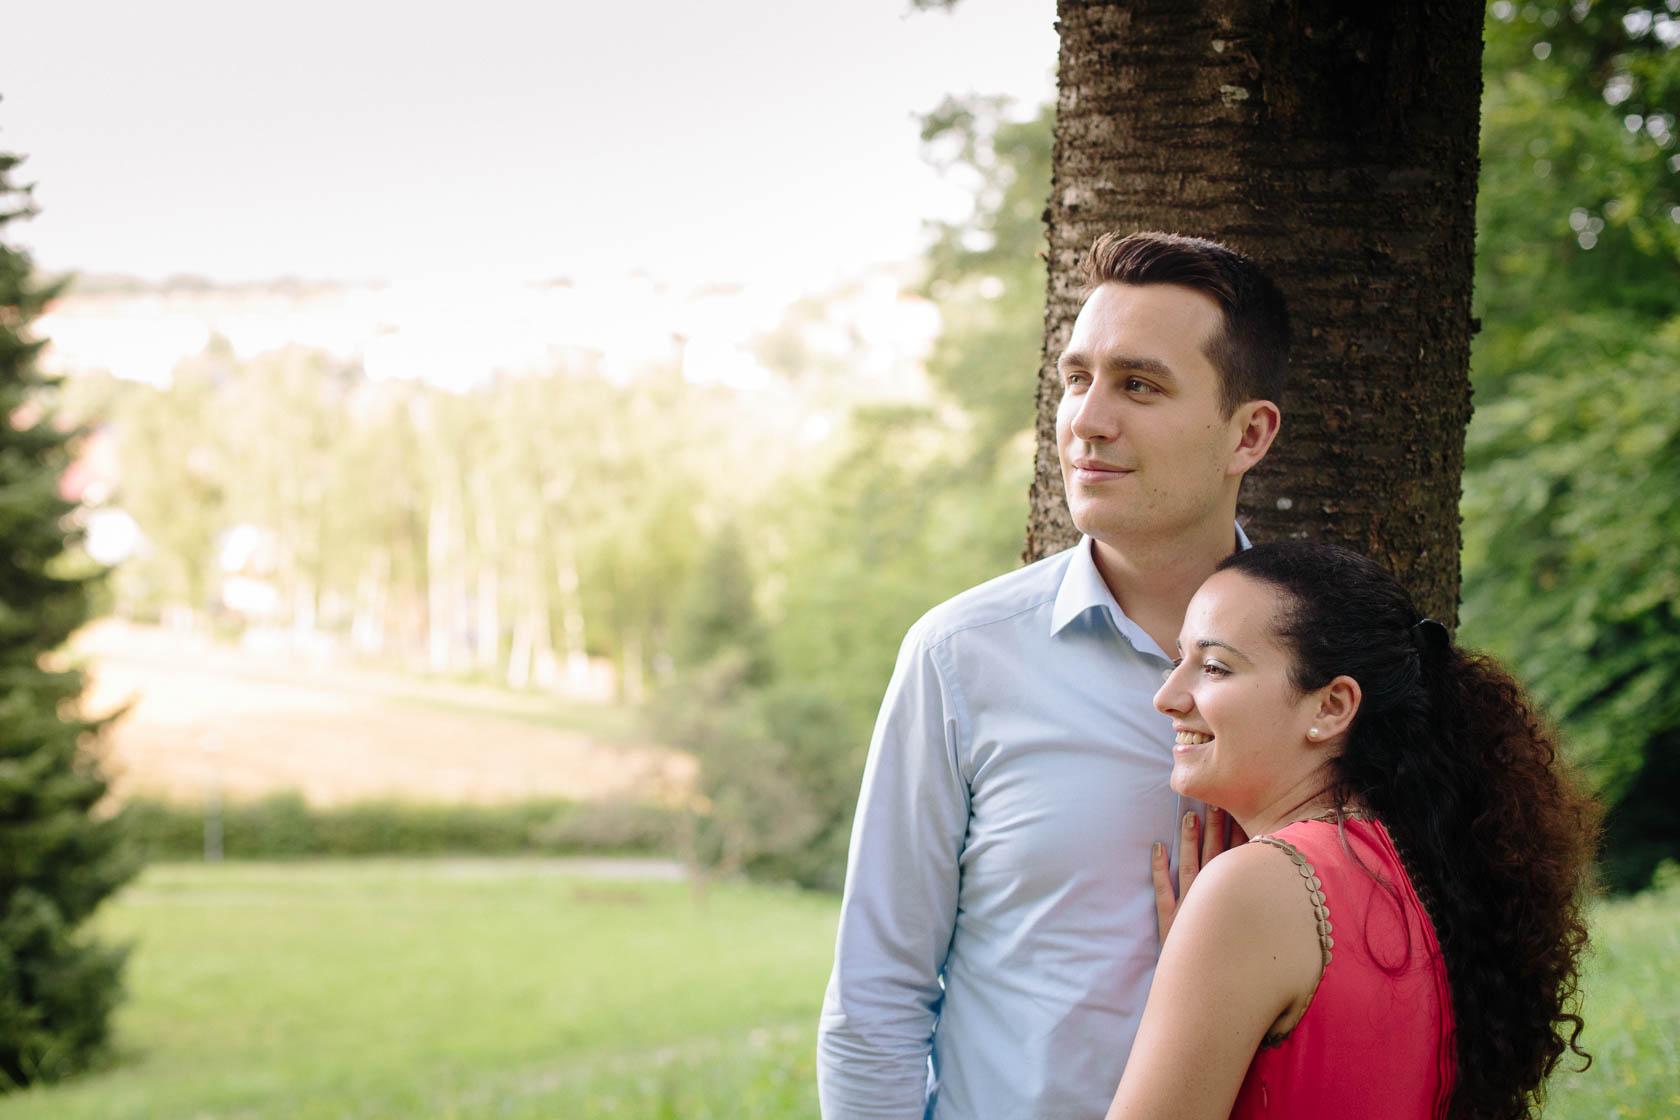 Engagement Fotoshooting von Laura und Viktor in Karlsbad